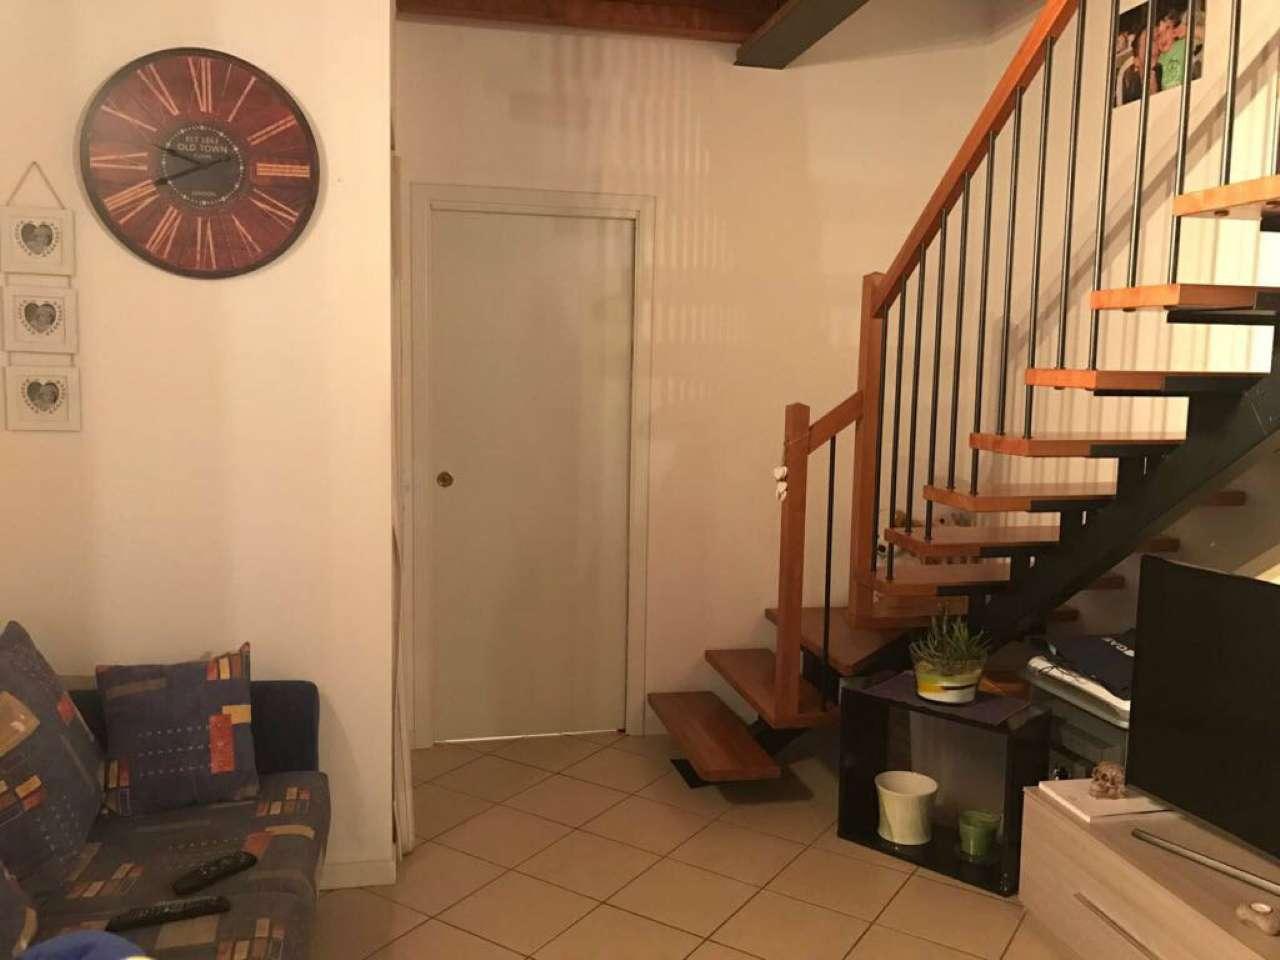 Medicina loc. Villa Fontana appartamento con entrata indipendente